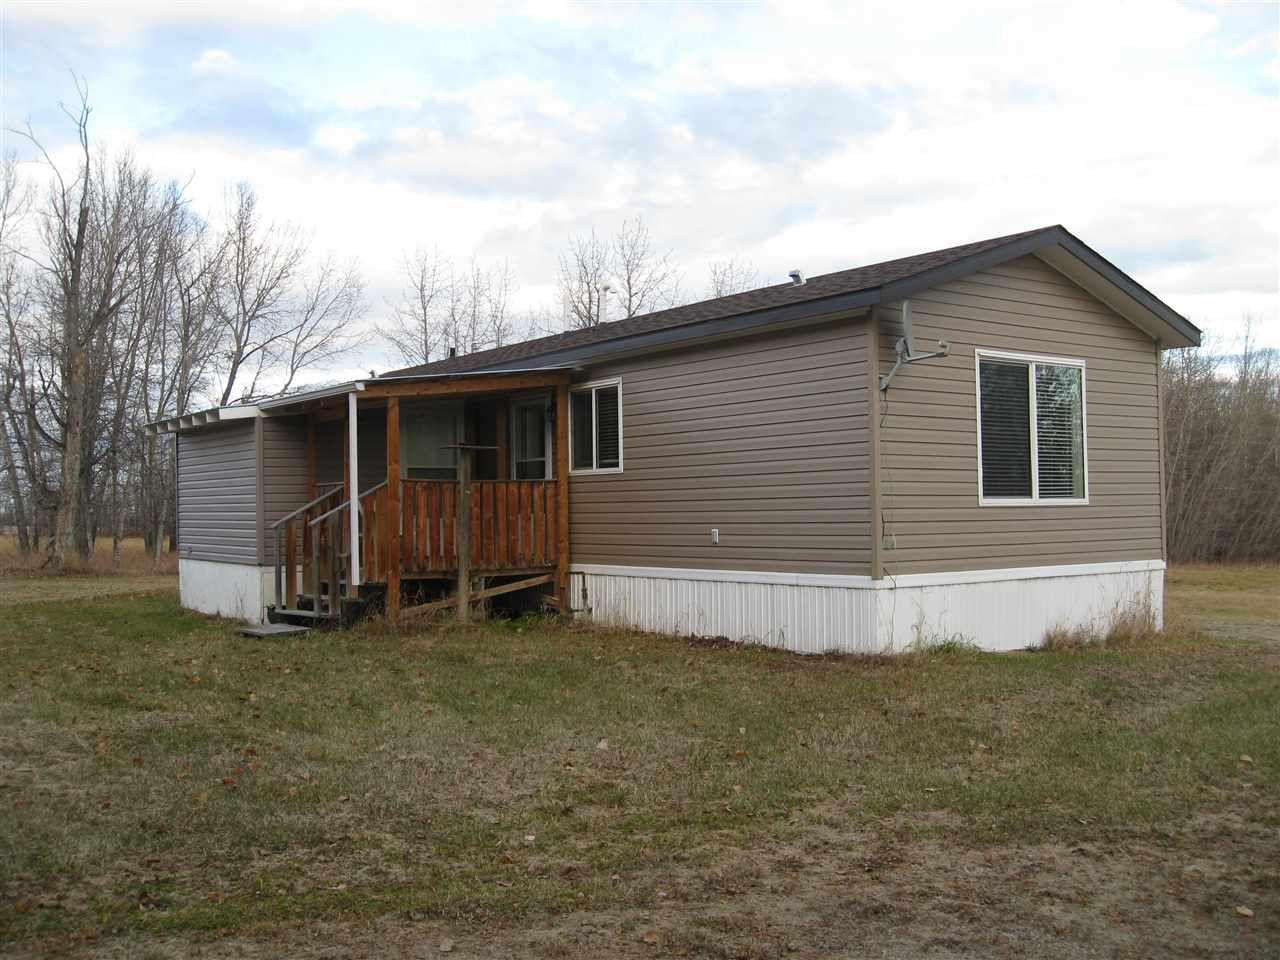 Main Photo: 52229B Rge Rd 81: Rural Yellowhead House for sale : MLS®# E4134150